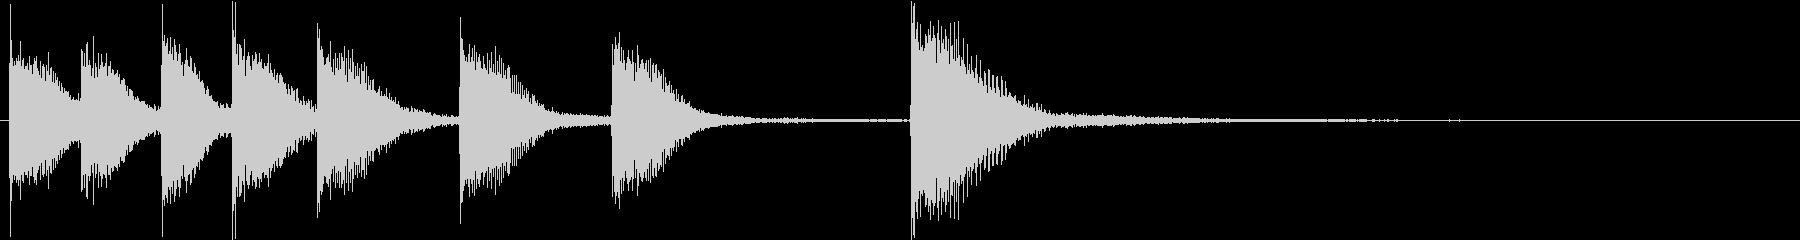 ピアノジングル 幼児向けアニメ系H-03の未再生の波形